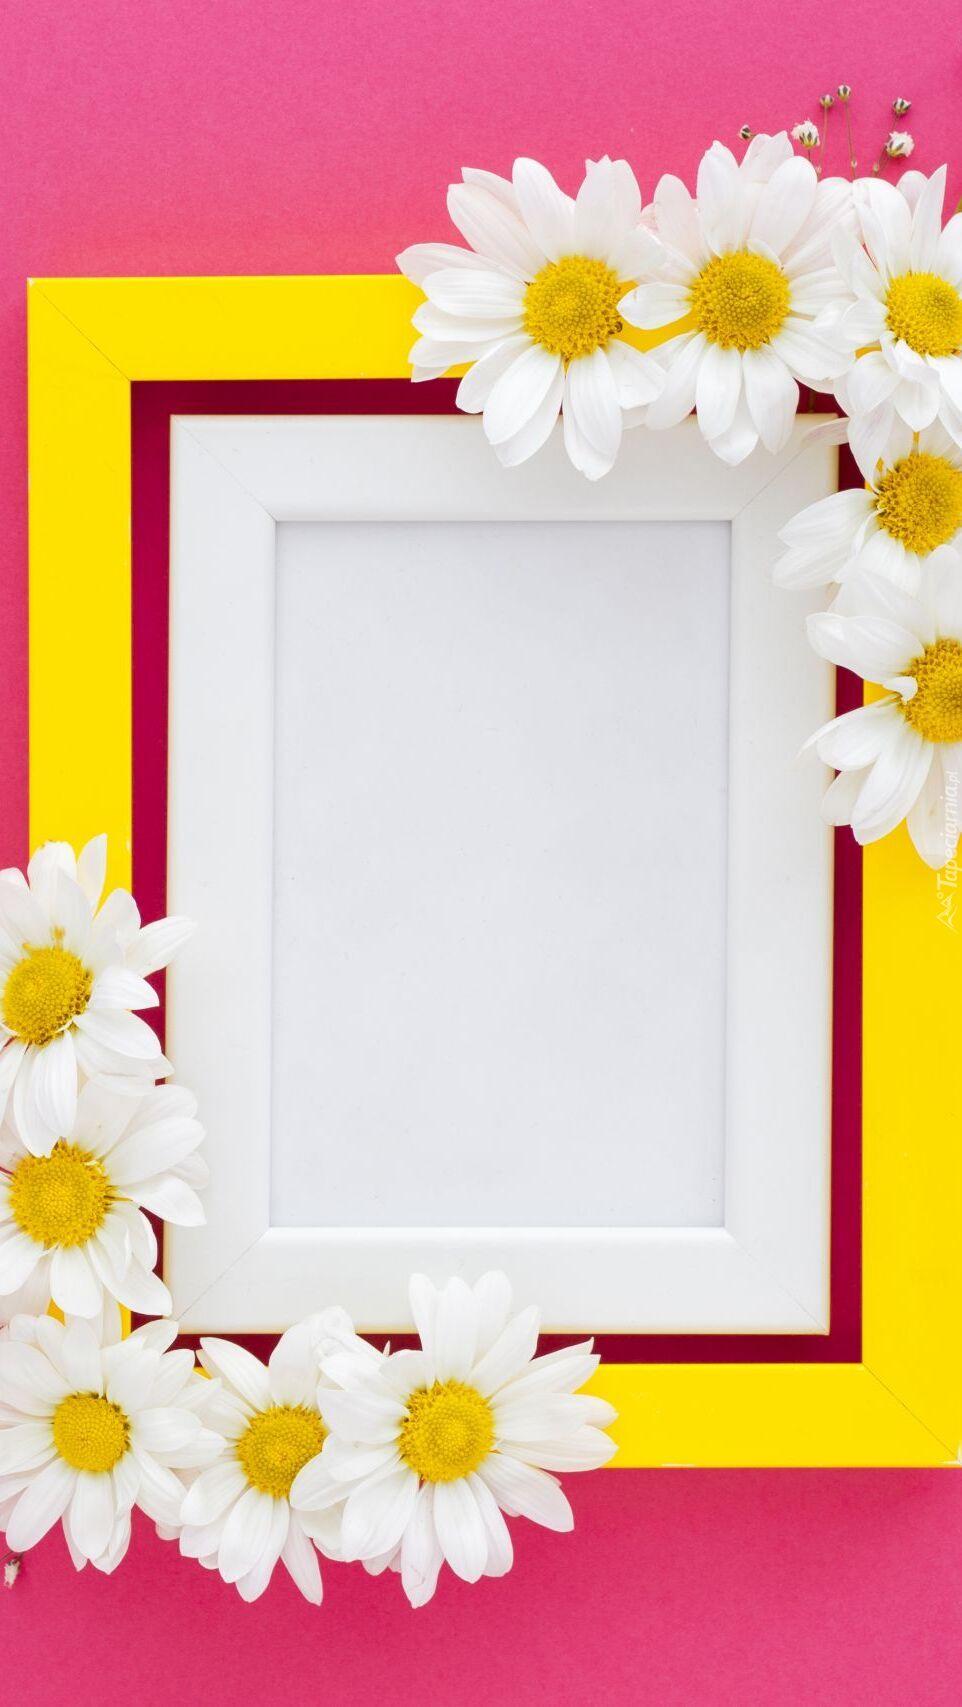 Białe margeryki na żółto-białej ramce